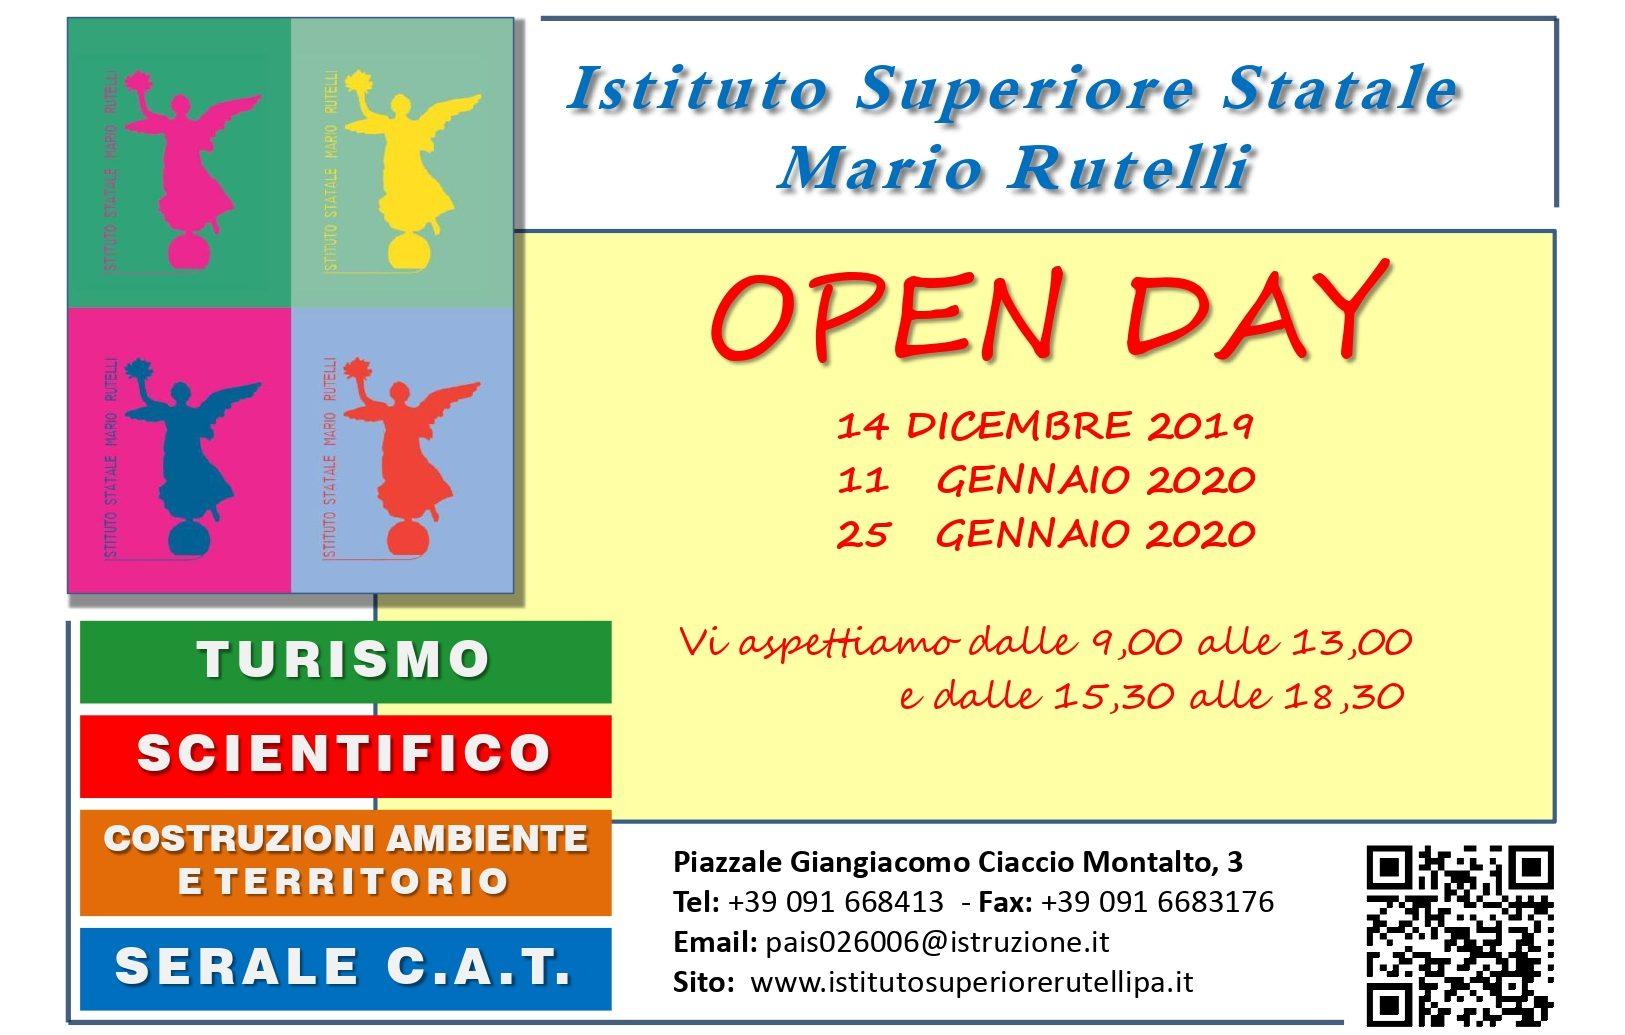 invito open day